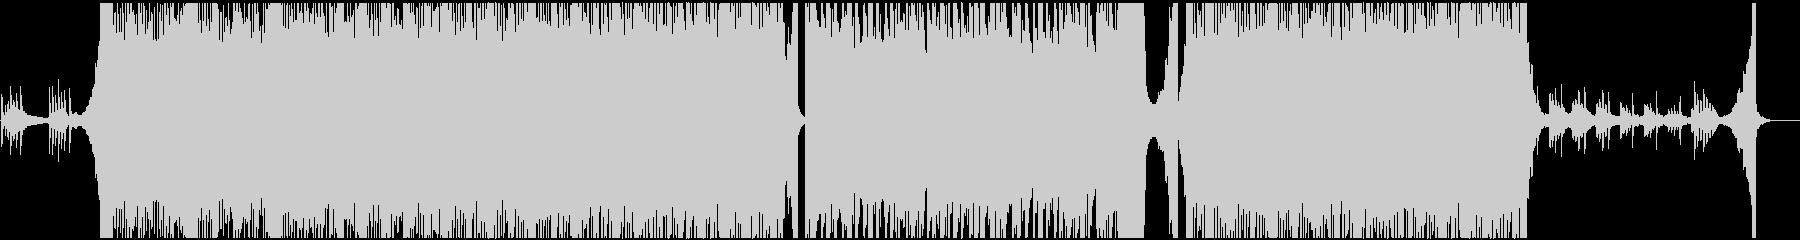 明るく広がりのあるオーケストラ曲の未再生の波形